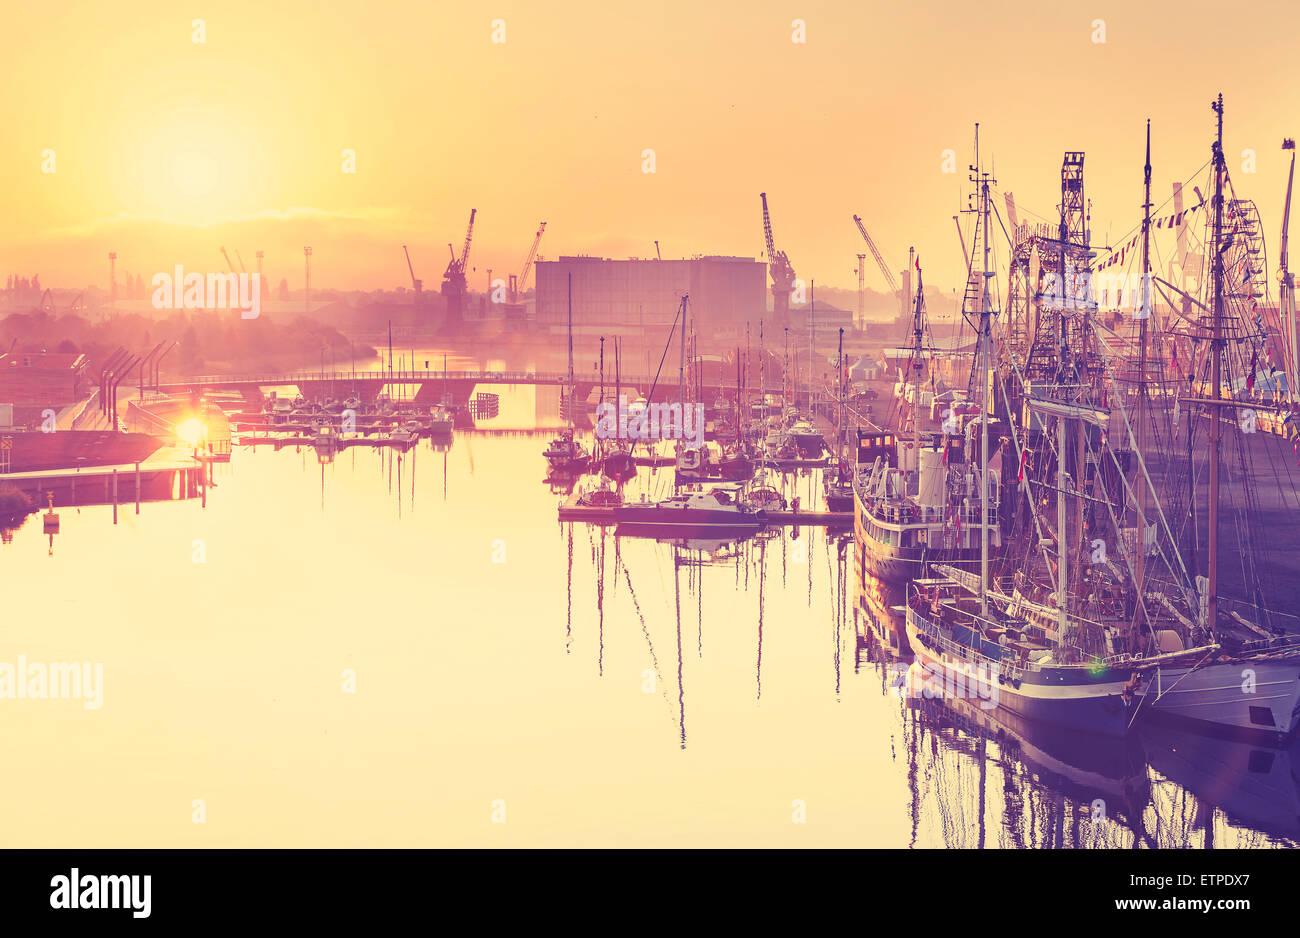 Vintage getönten goldenen Sonnenaufgang über Hafen, Uferpromenade in Stettin, Polen. Stockbild